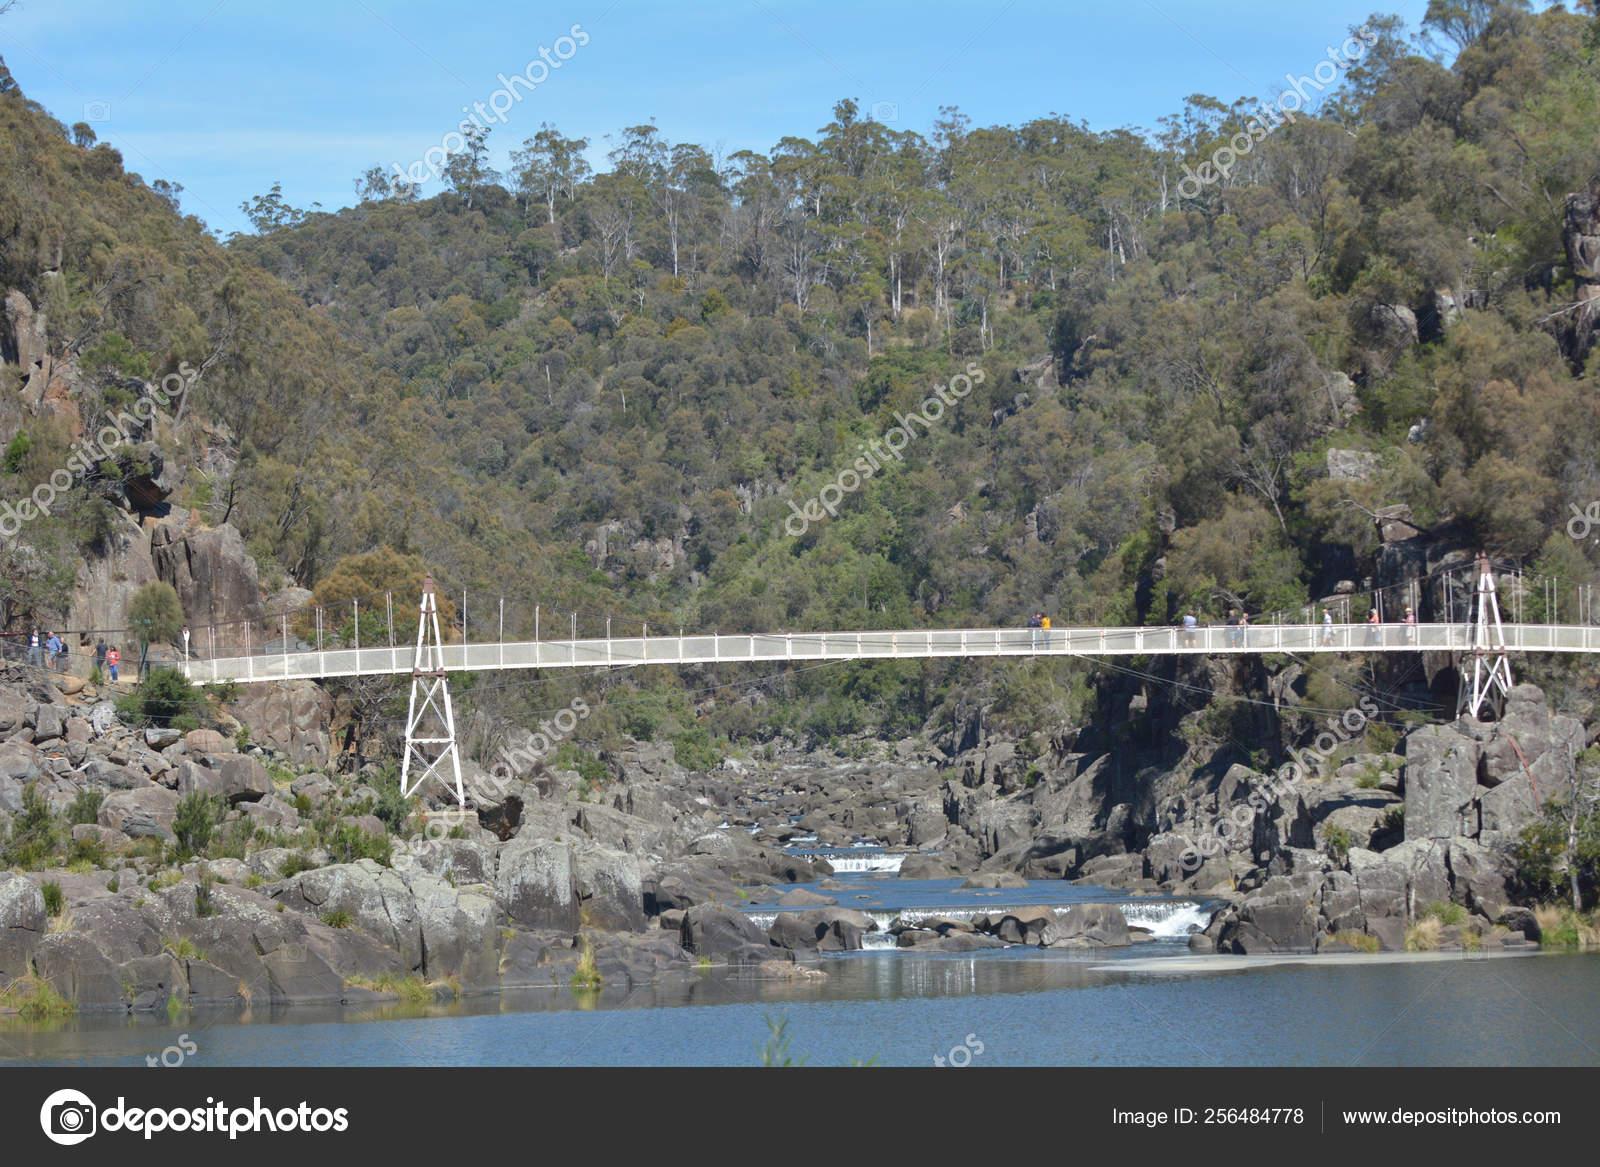 Gratis Dating Sites Launceston Tasmania